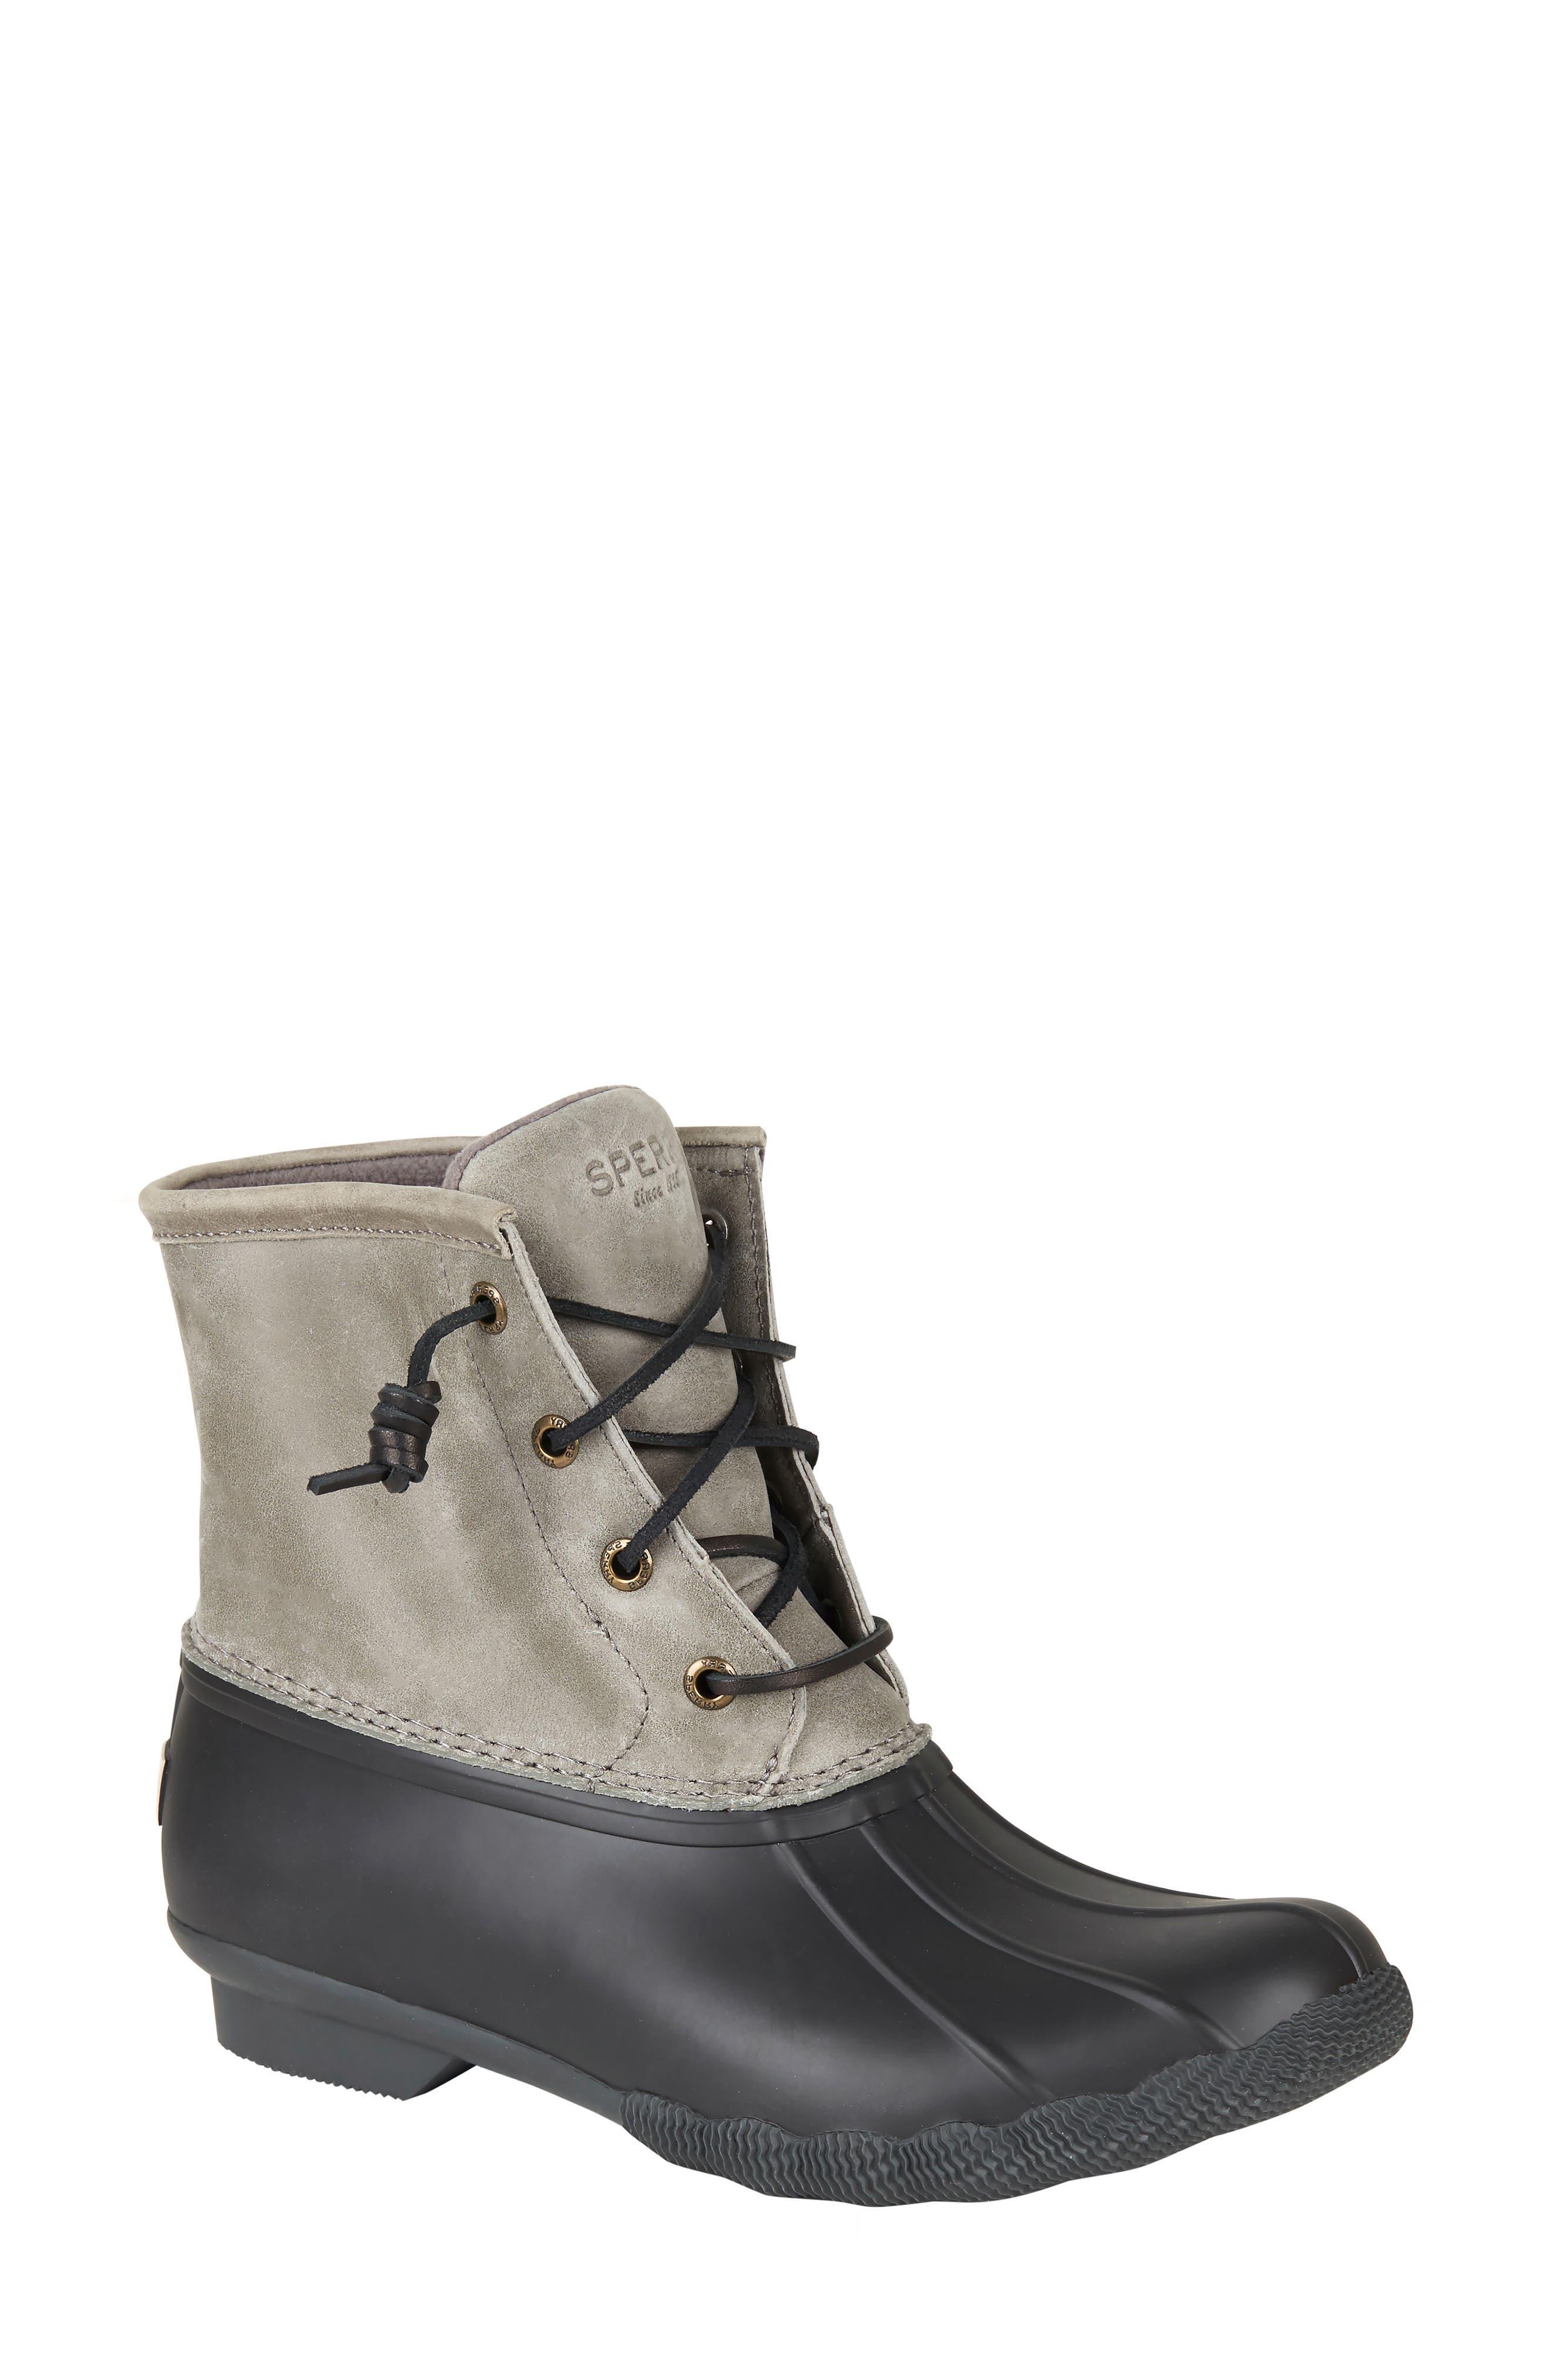 Sperry Saltwater Waterproof Rain Boot, Black